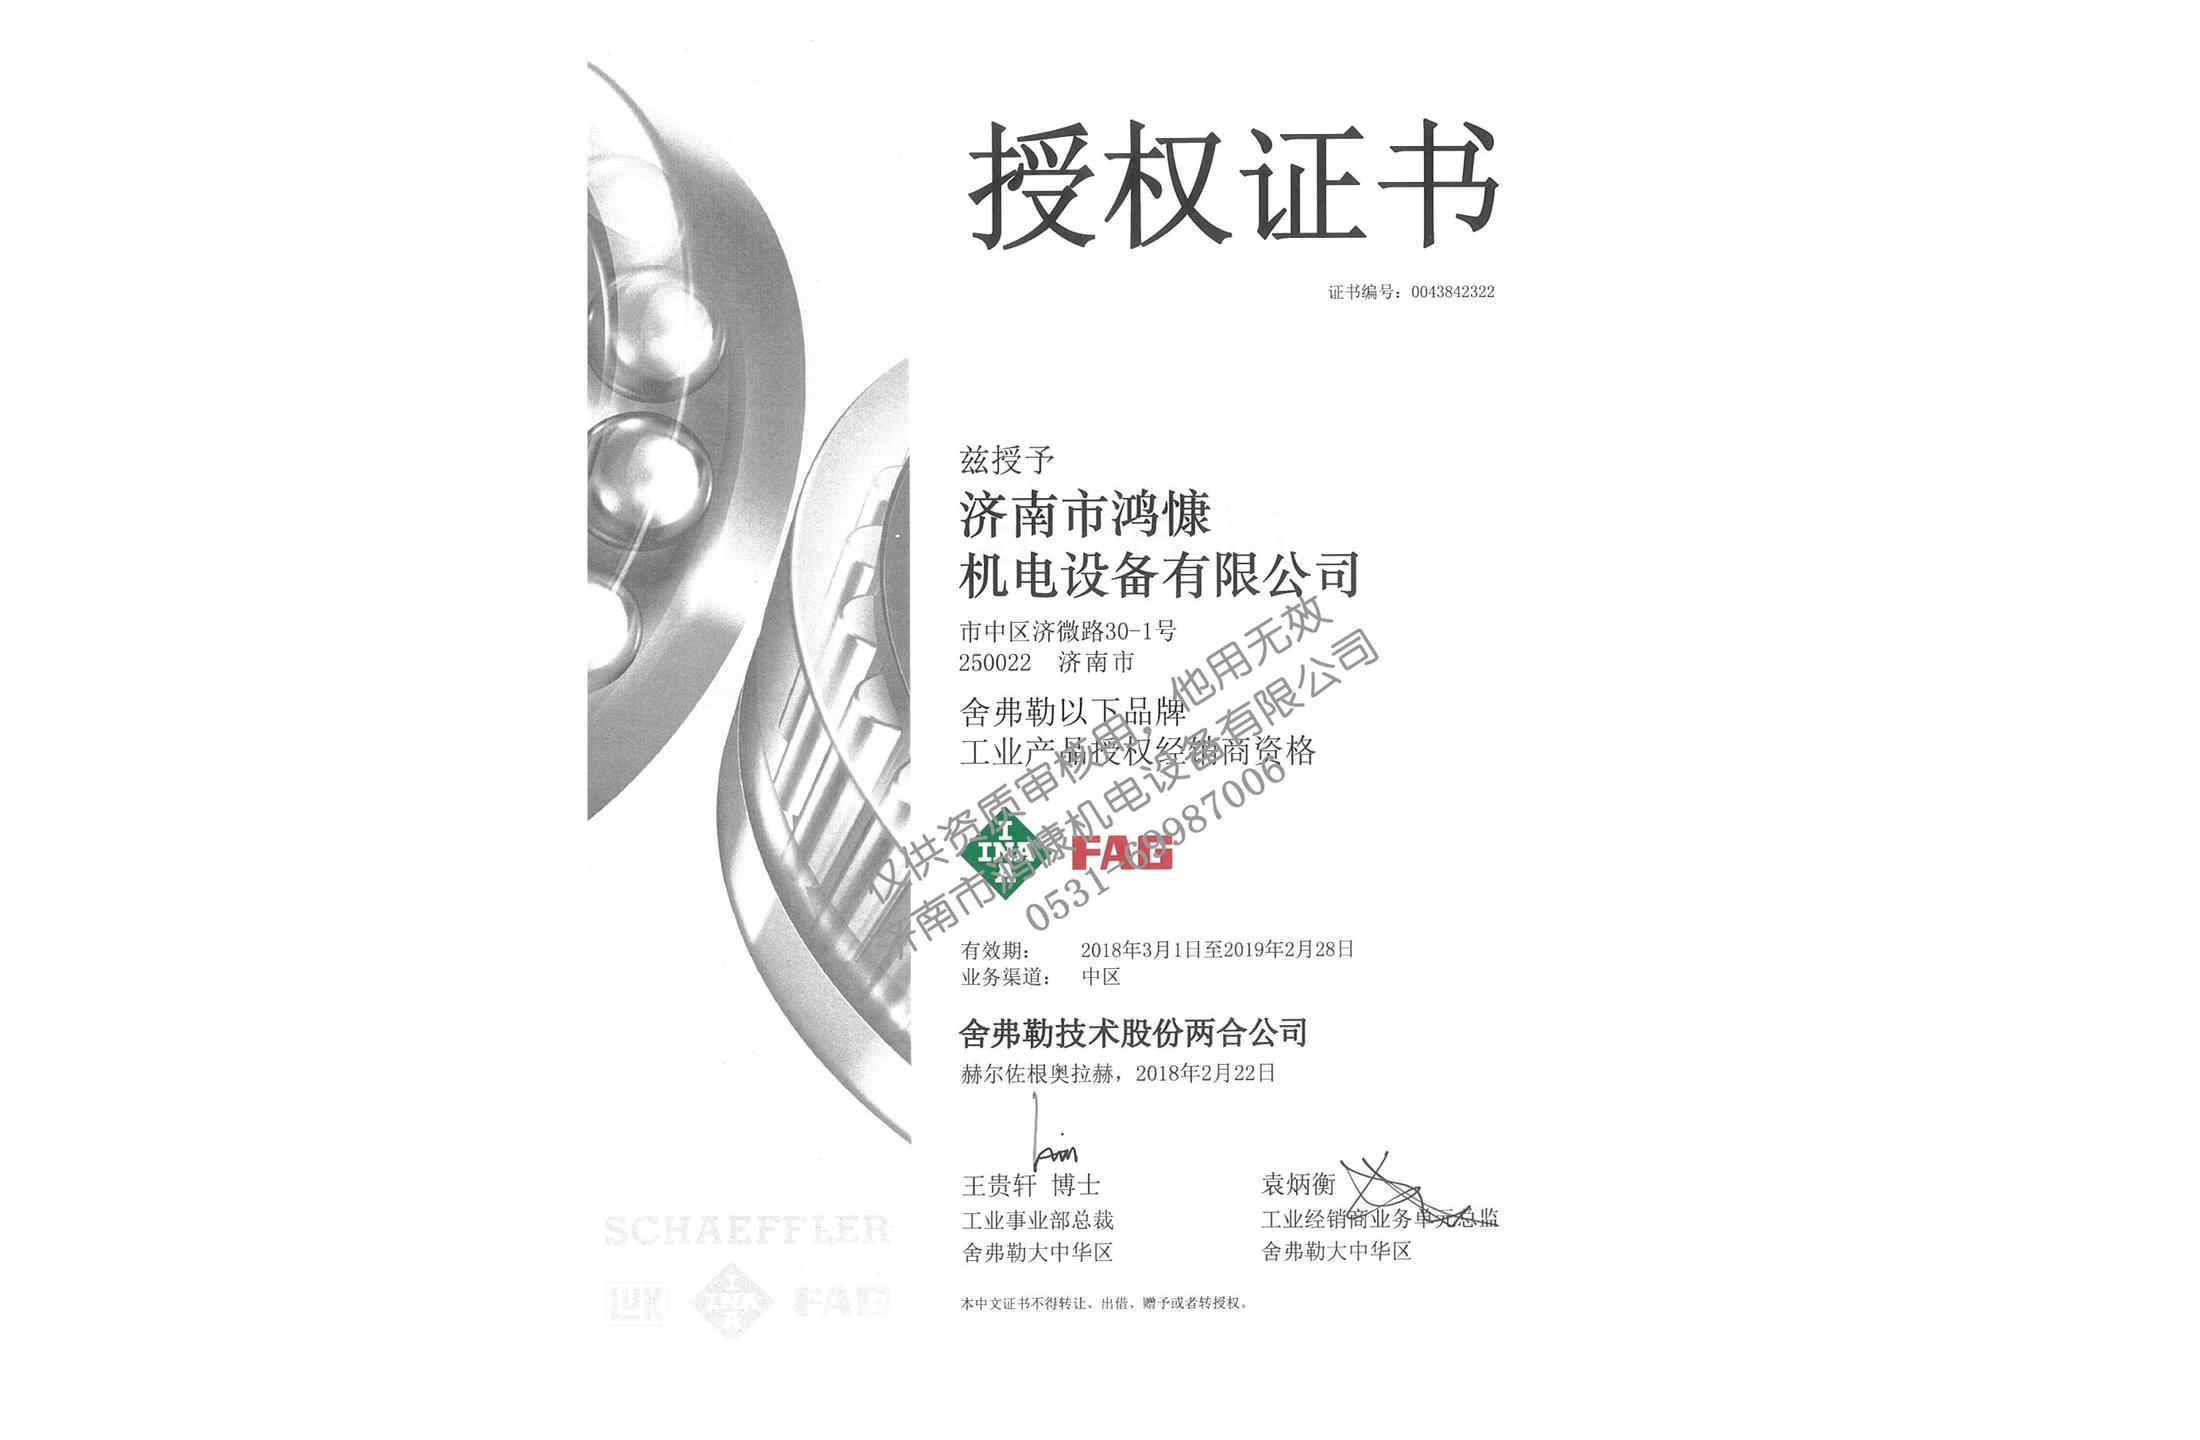 2018年舍弗勒集团官方授权证书